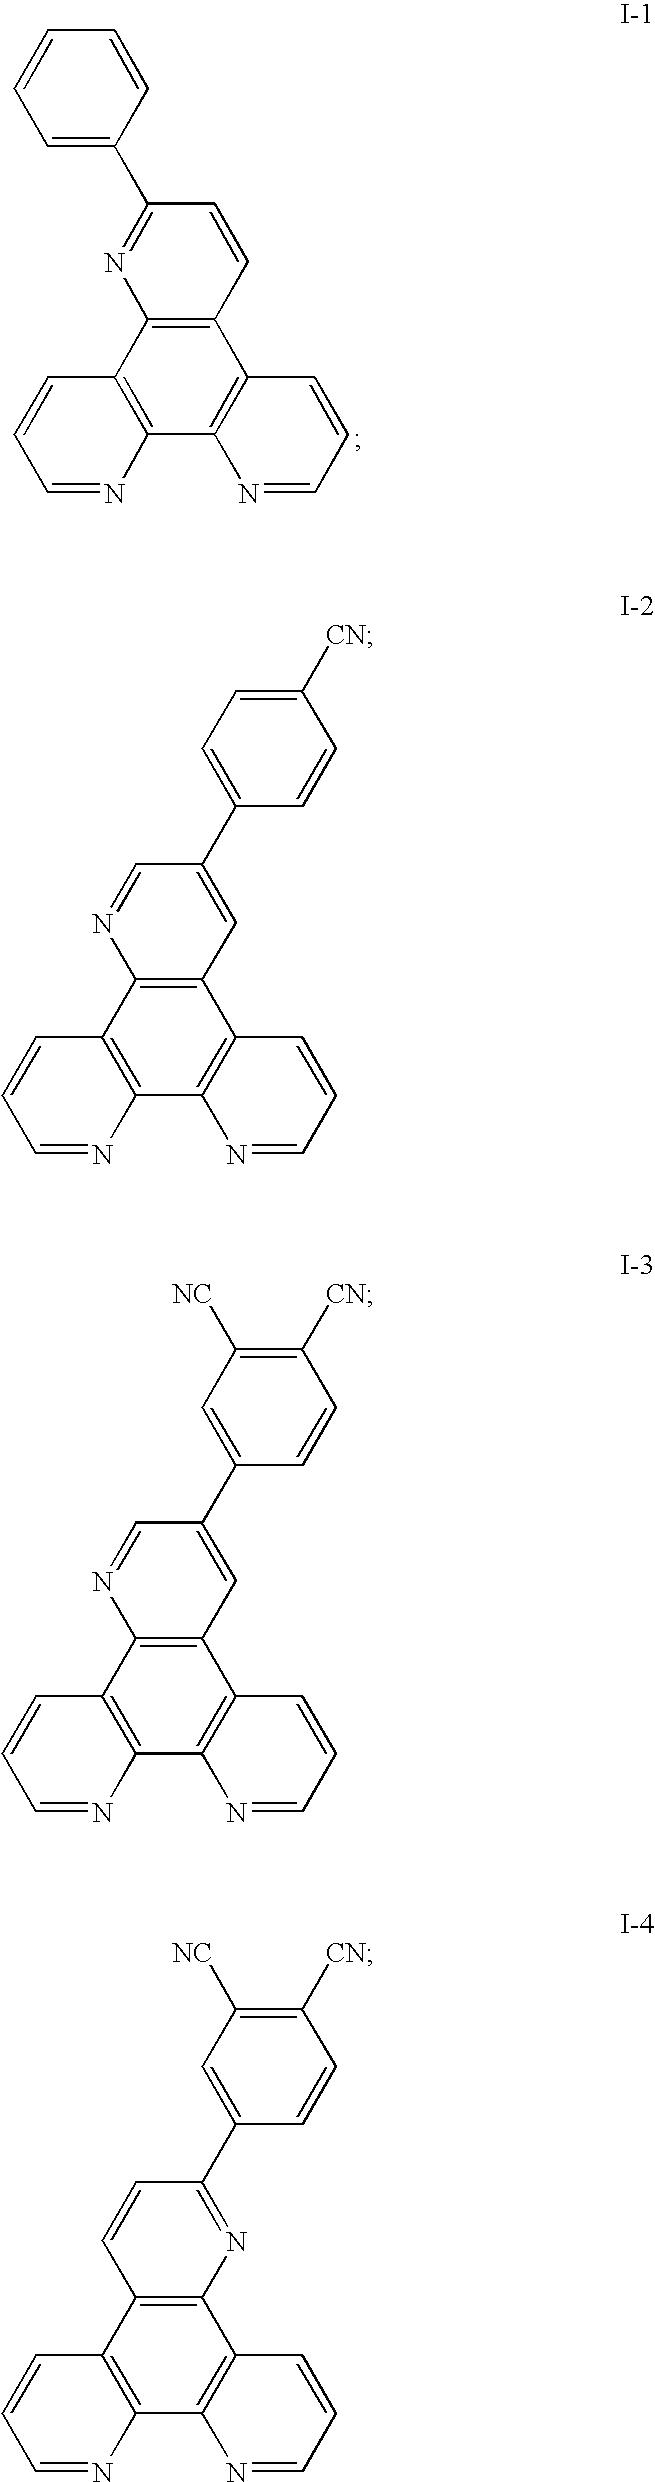 Figure US20090115316A1-20090507-C00040